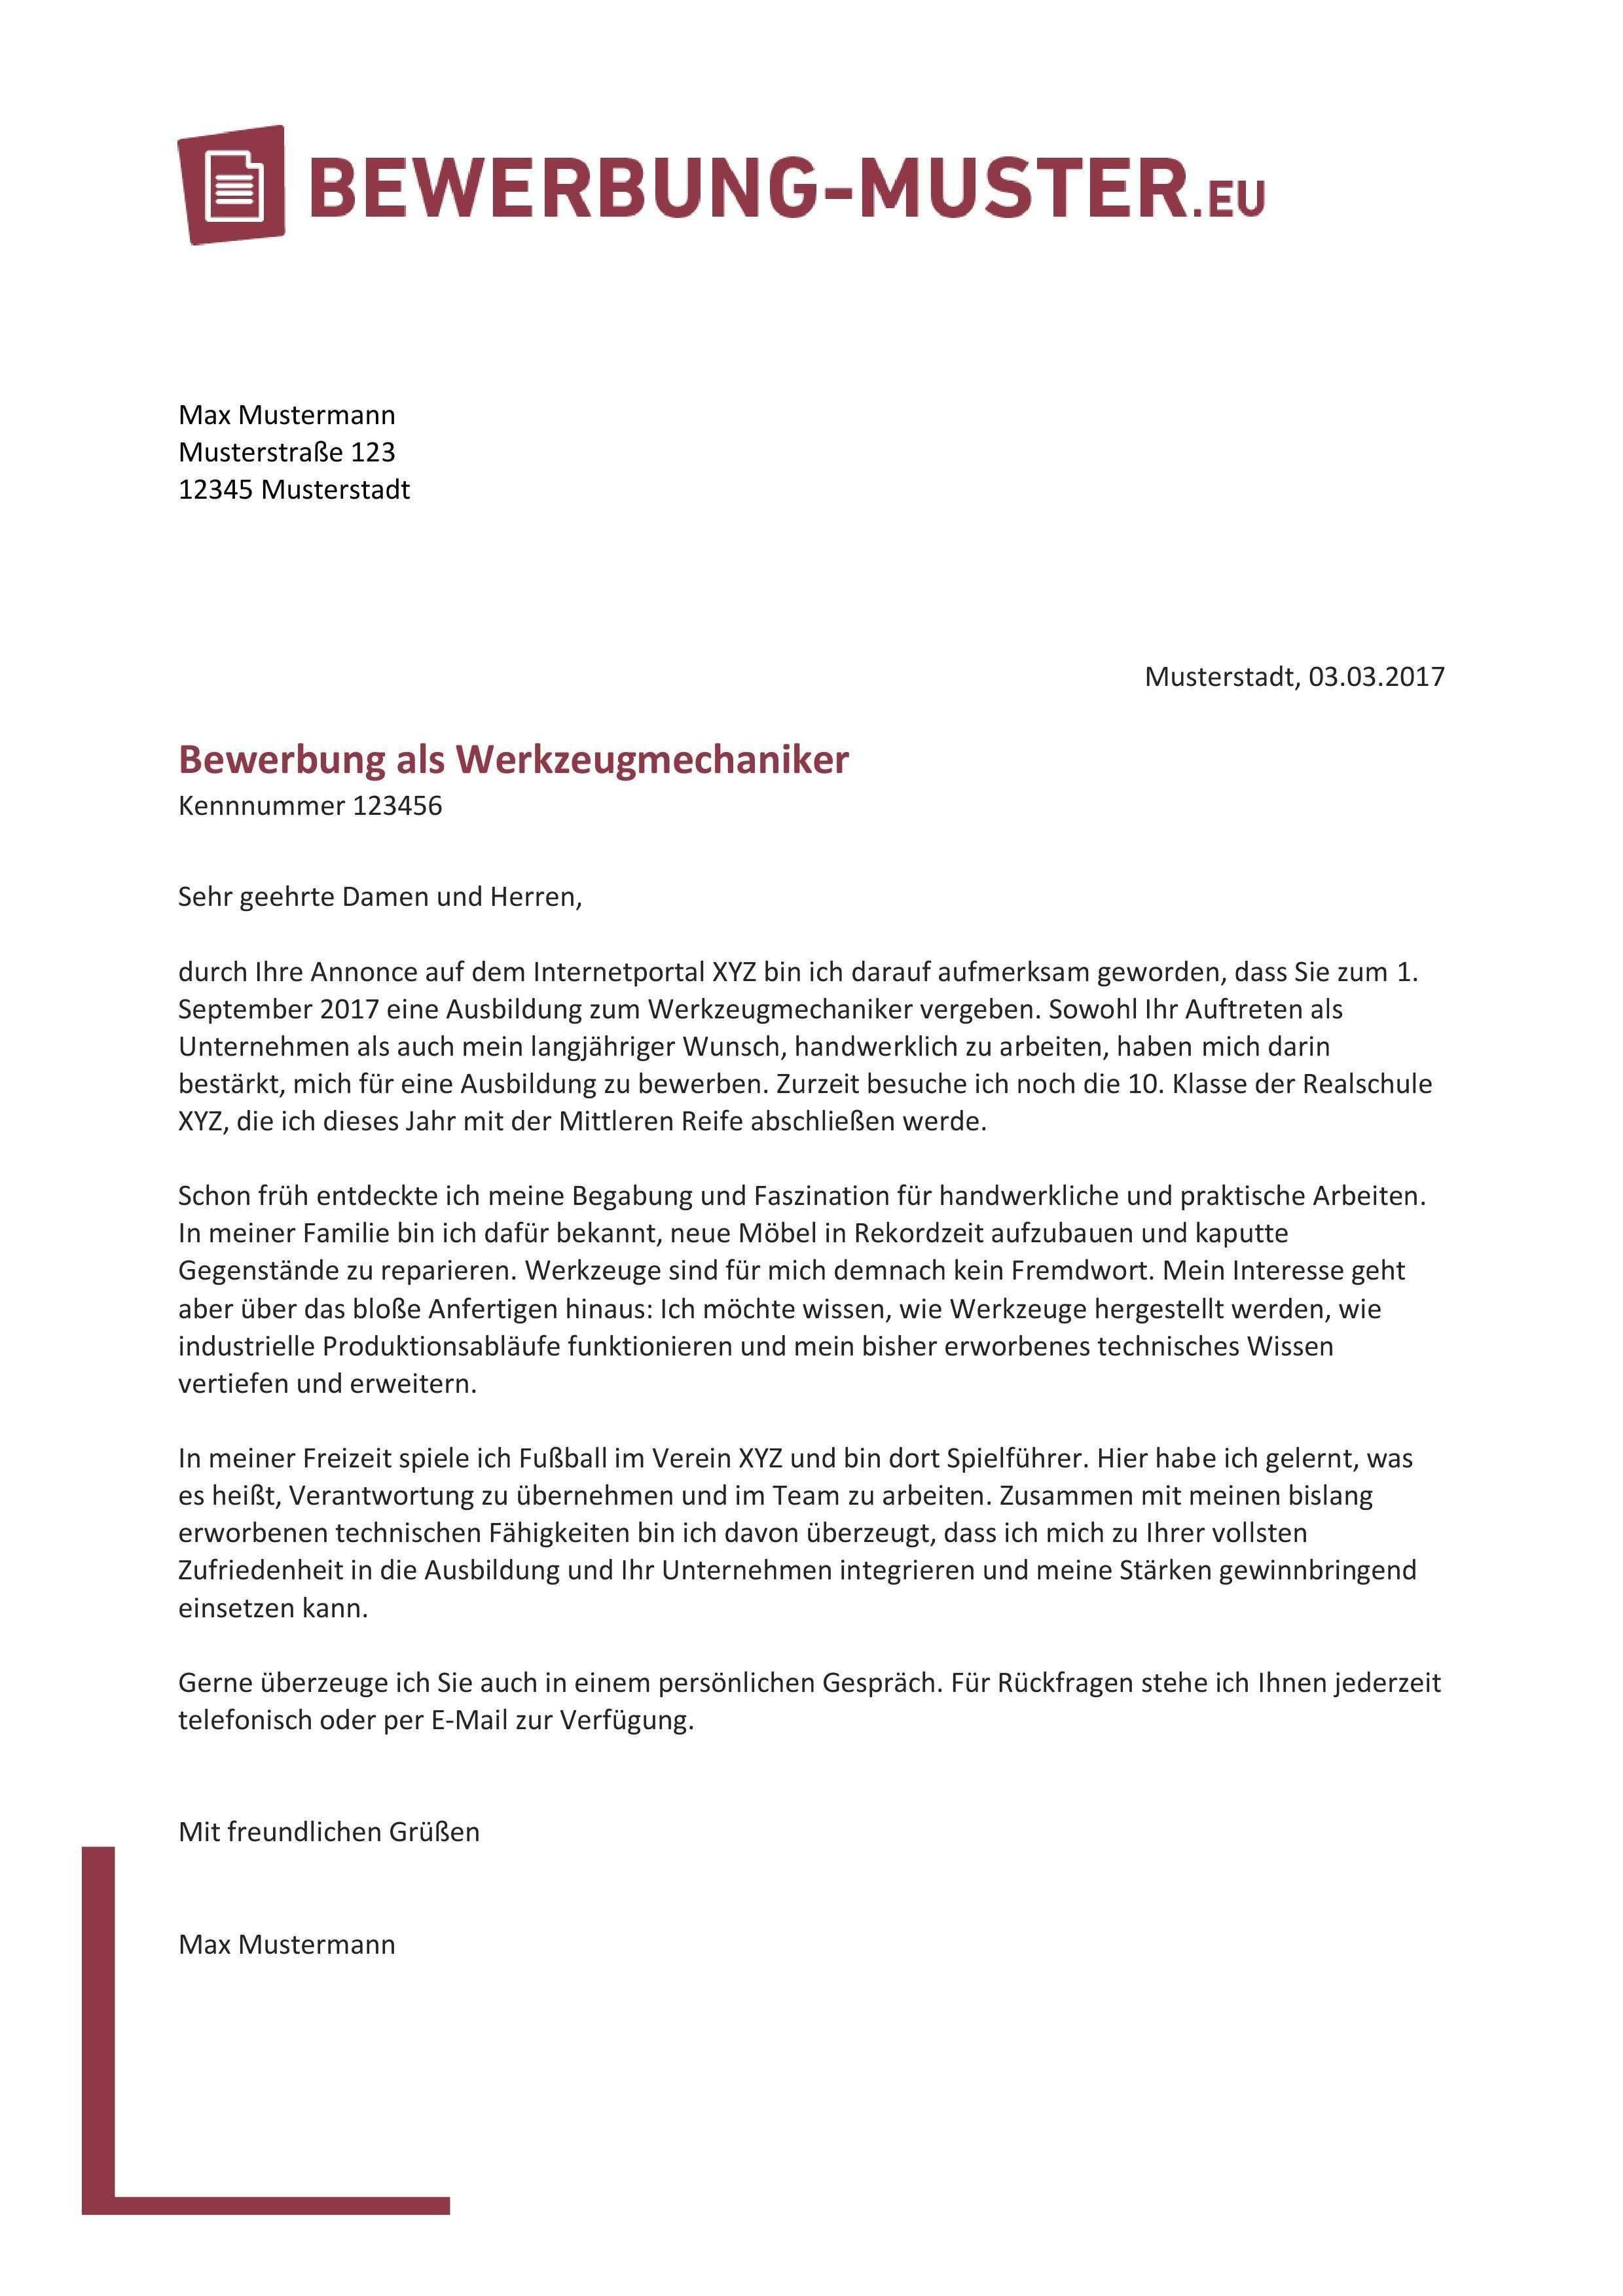 Neu Motivationsschreiben Verfassungsschutz Briefprobe Briefformat Briefvorlage Bewerbung Schreiben Lebenslauf Vorlage Schuler Lebenslauf Muster